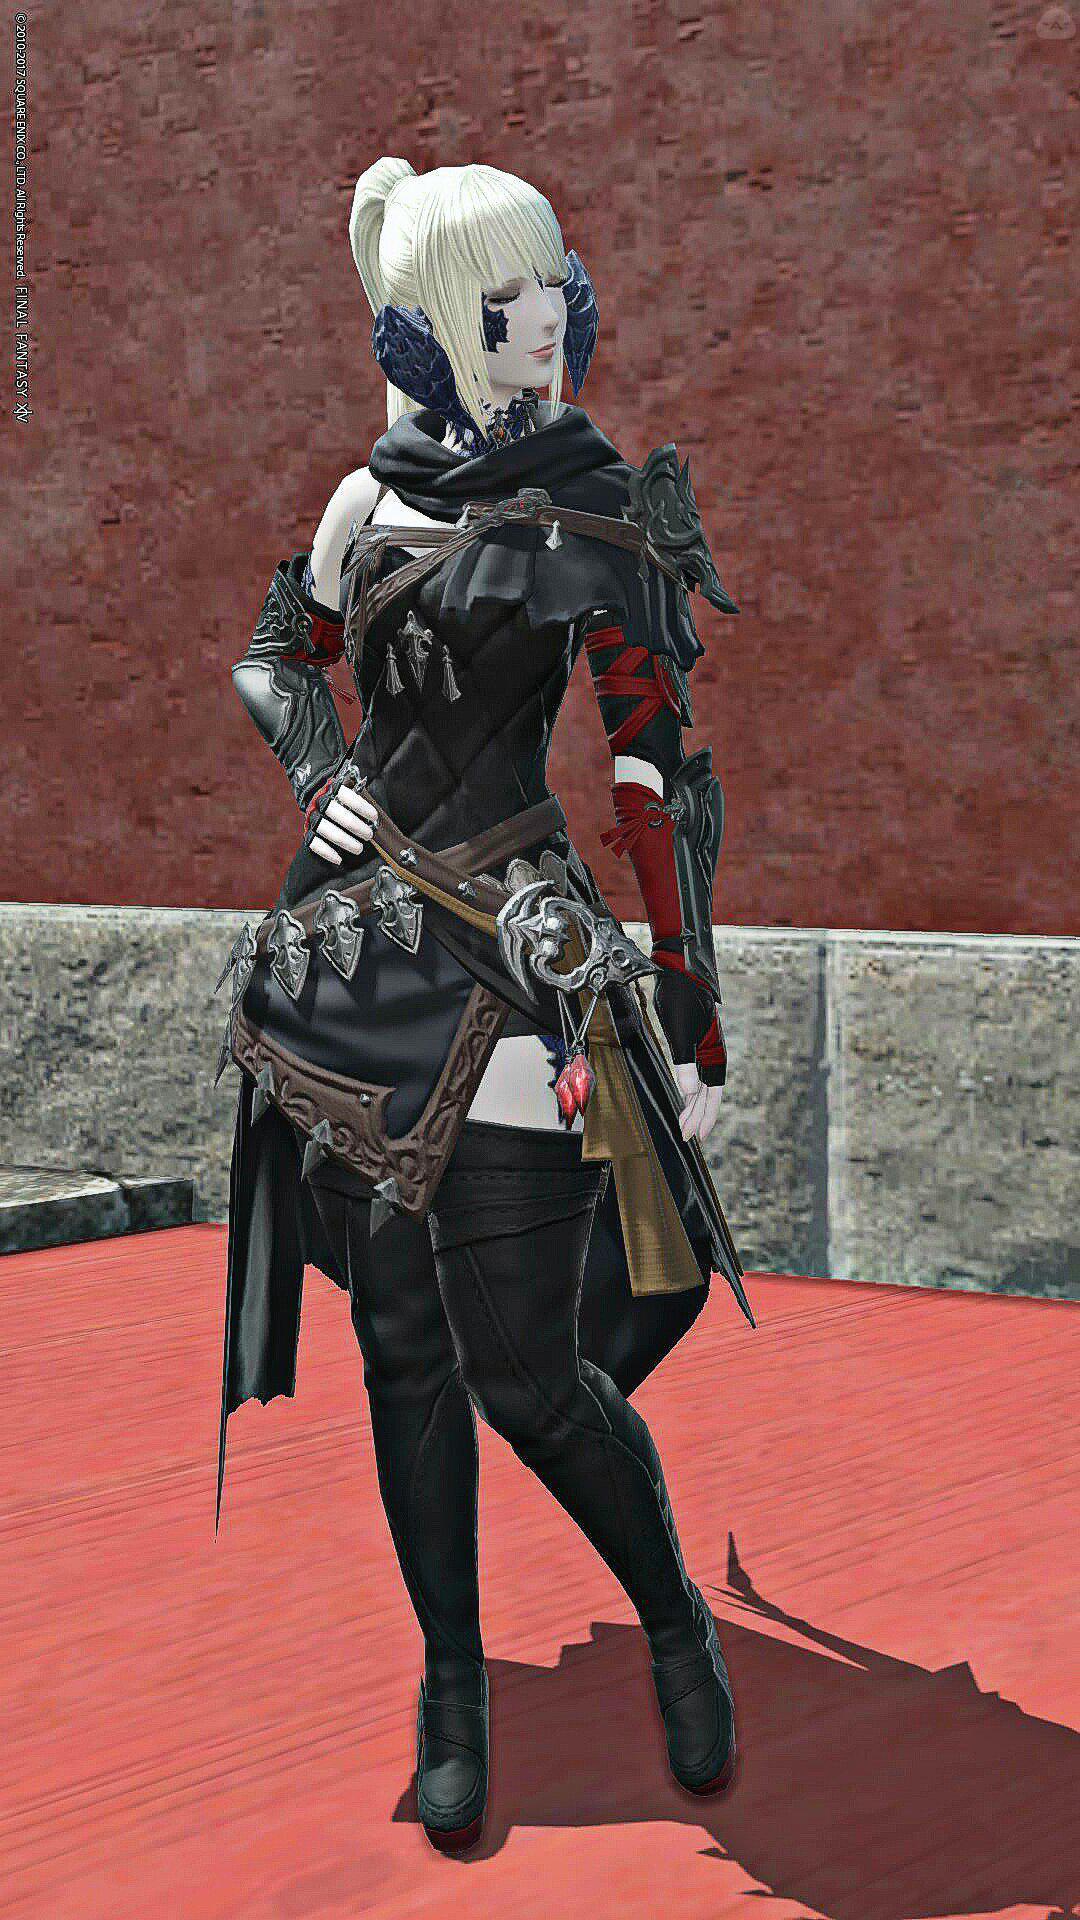 戦闘服 - 竜騎士 -